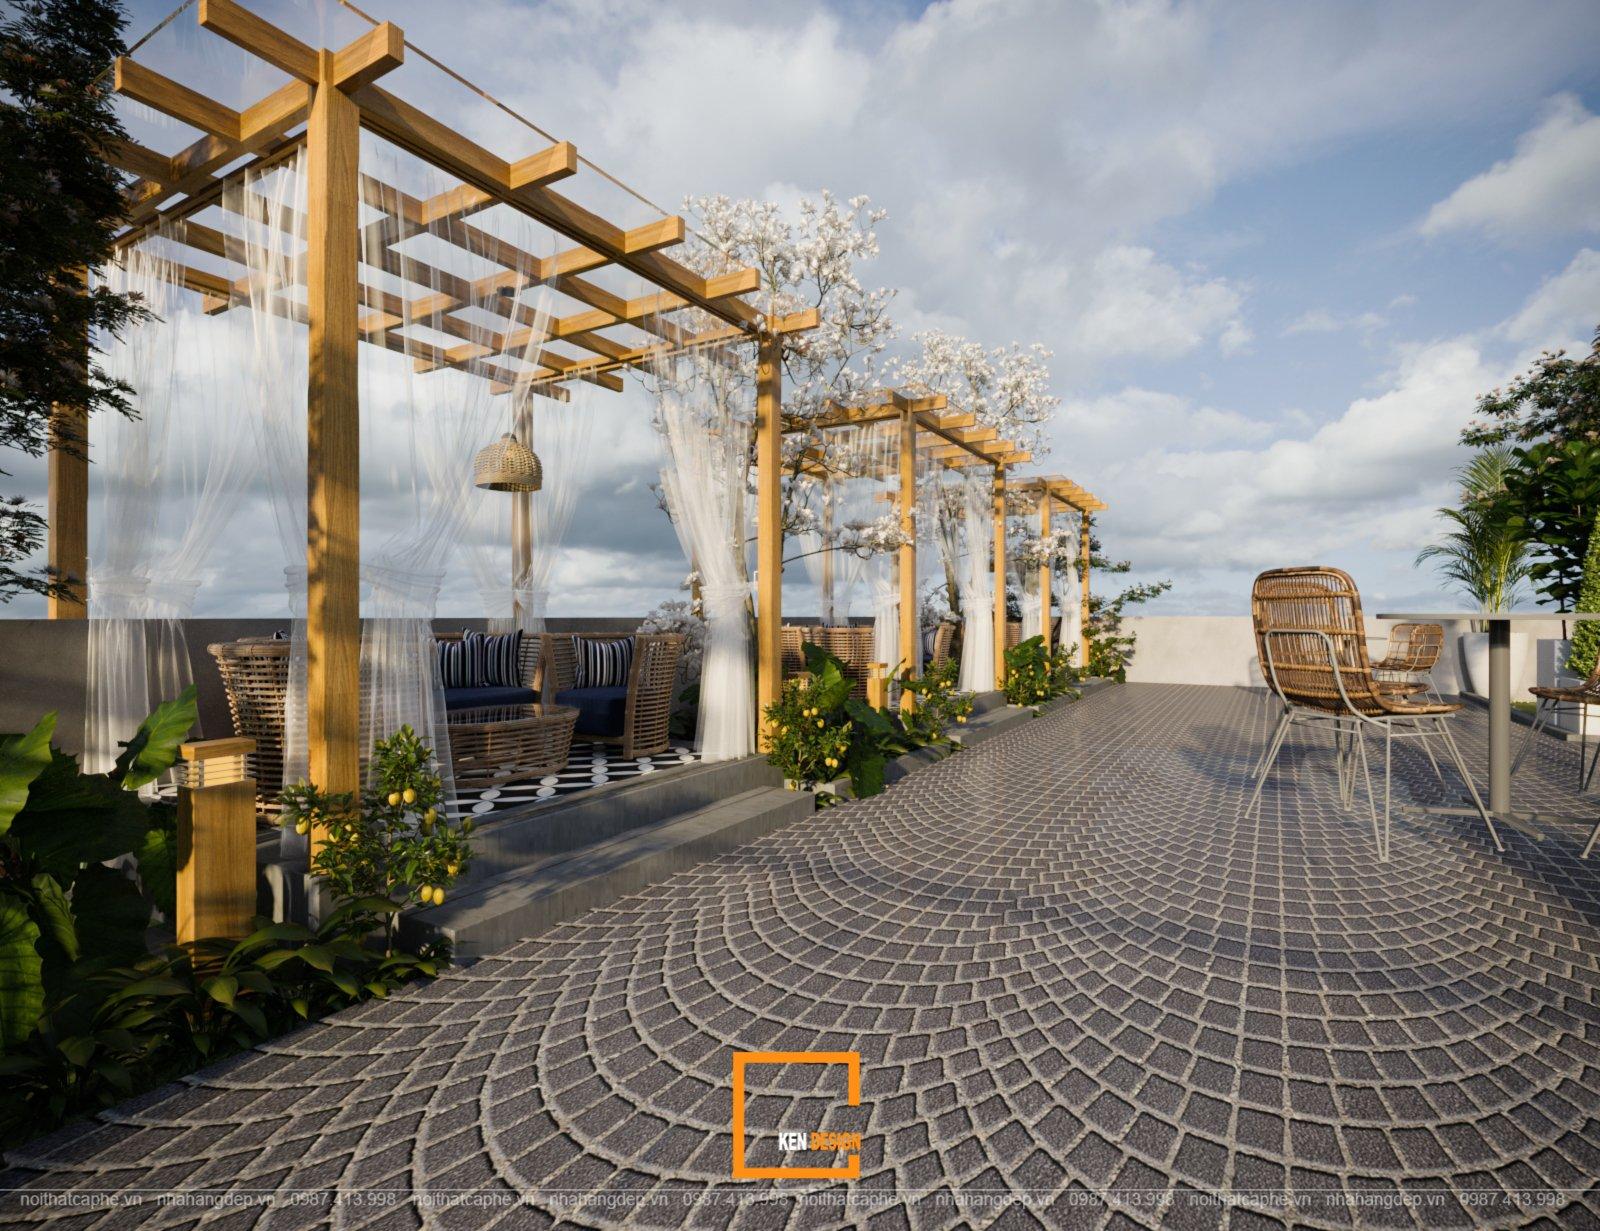 """Thiết kế quán cafe Windmills Coffee and Tea – Cối xay gió lấp ló sau những """"cục bông gòn"""""""